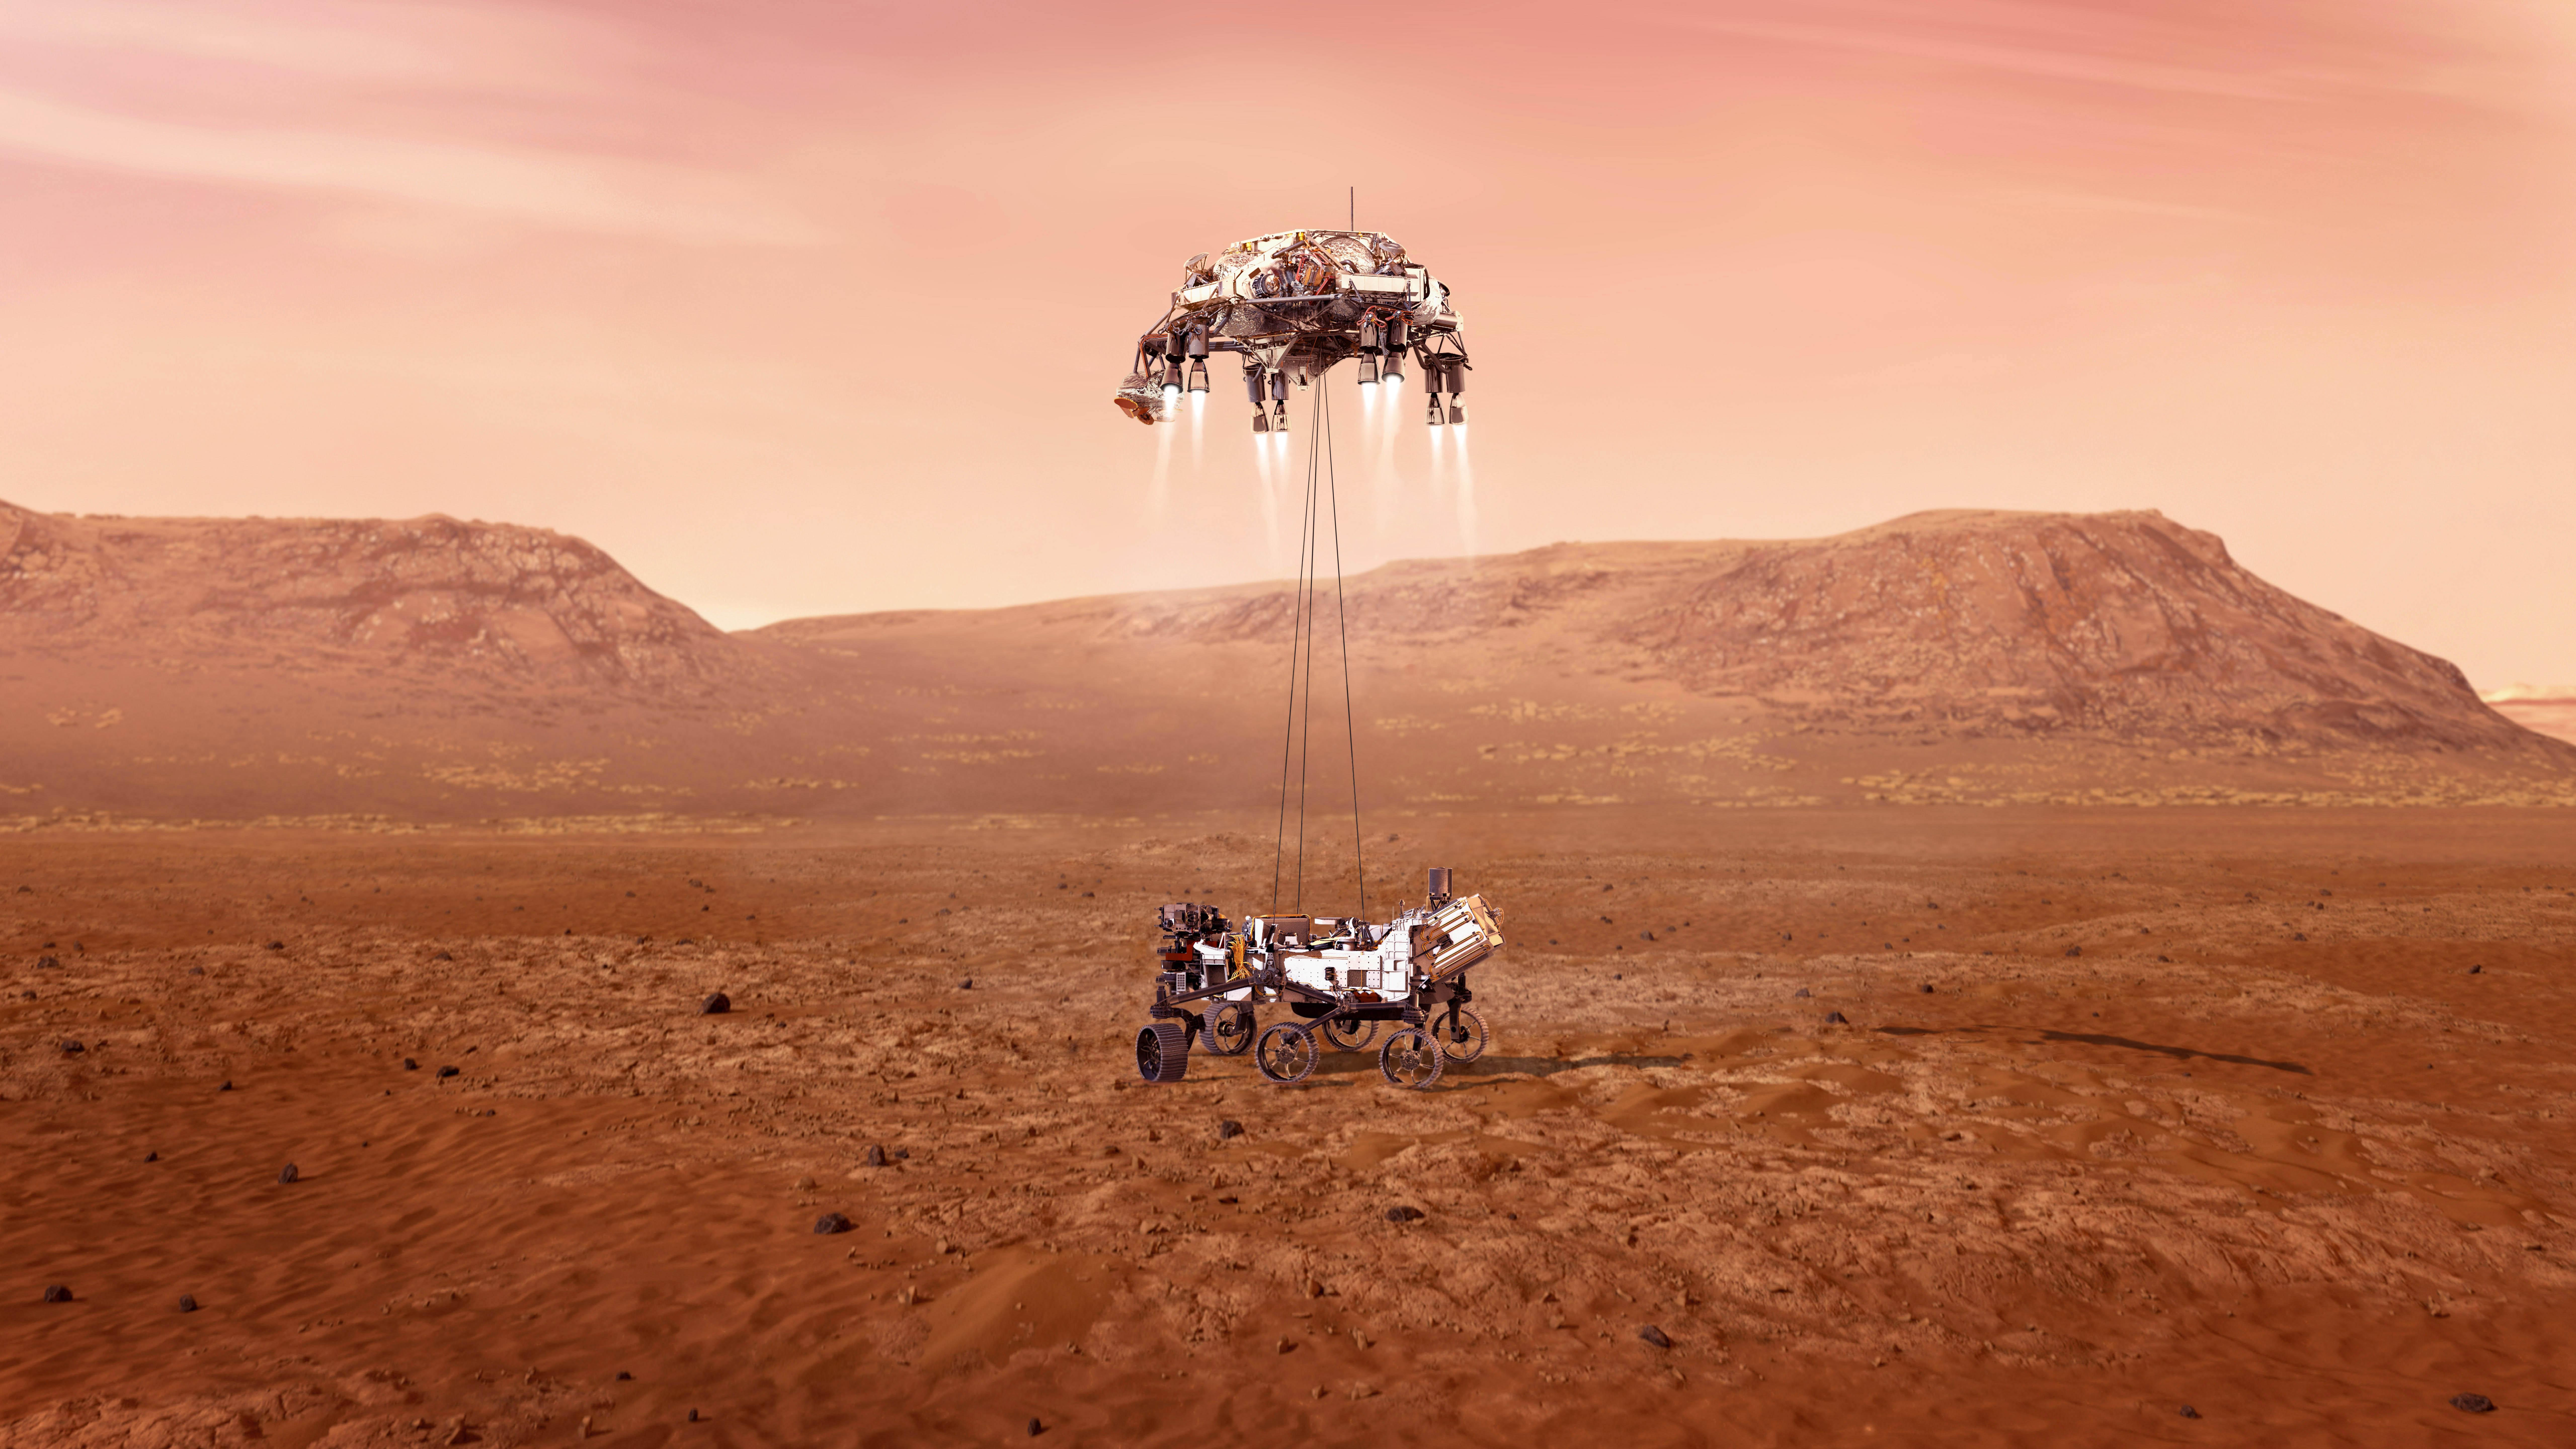 「毅力」號的降落過程歷時7分鐘,由於過程非常困難,被科學家形容為「恐怖7分鐘」。圖為美國「毅力」號火星車在火星著陸的過程。(新華社)